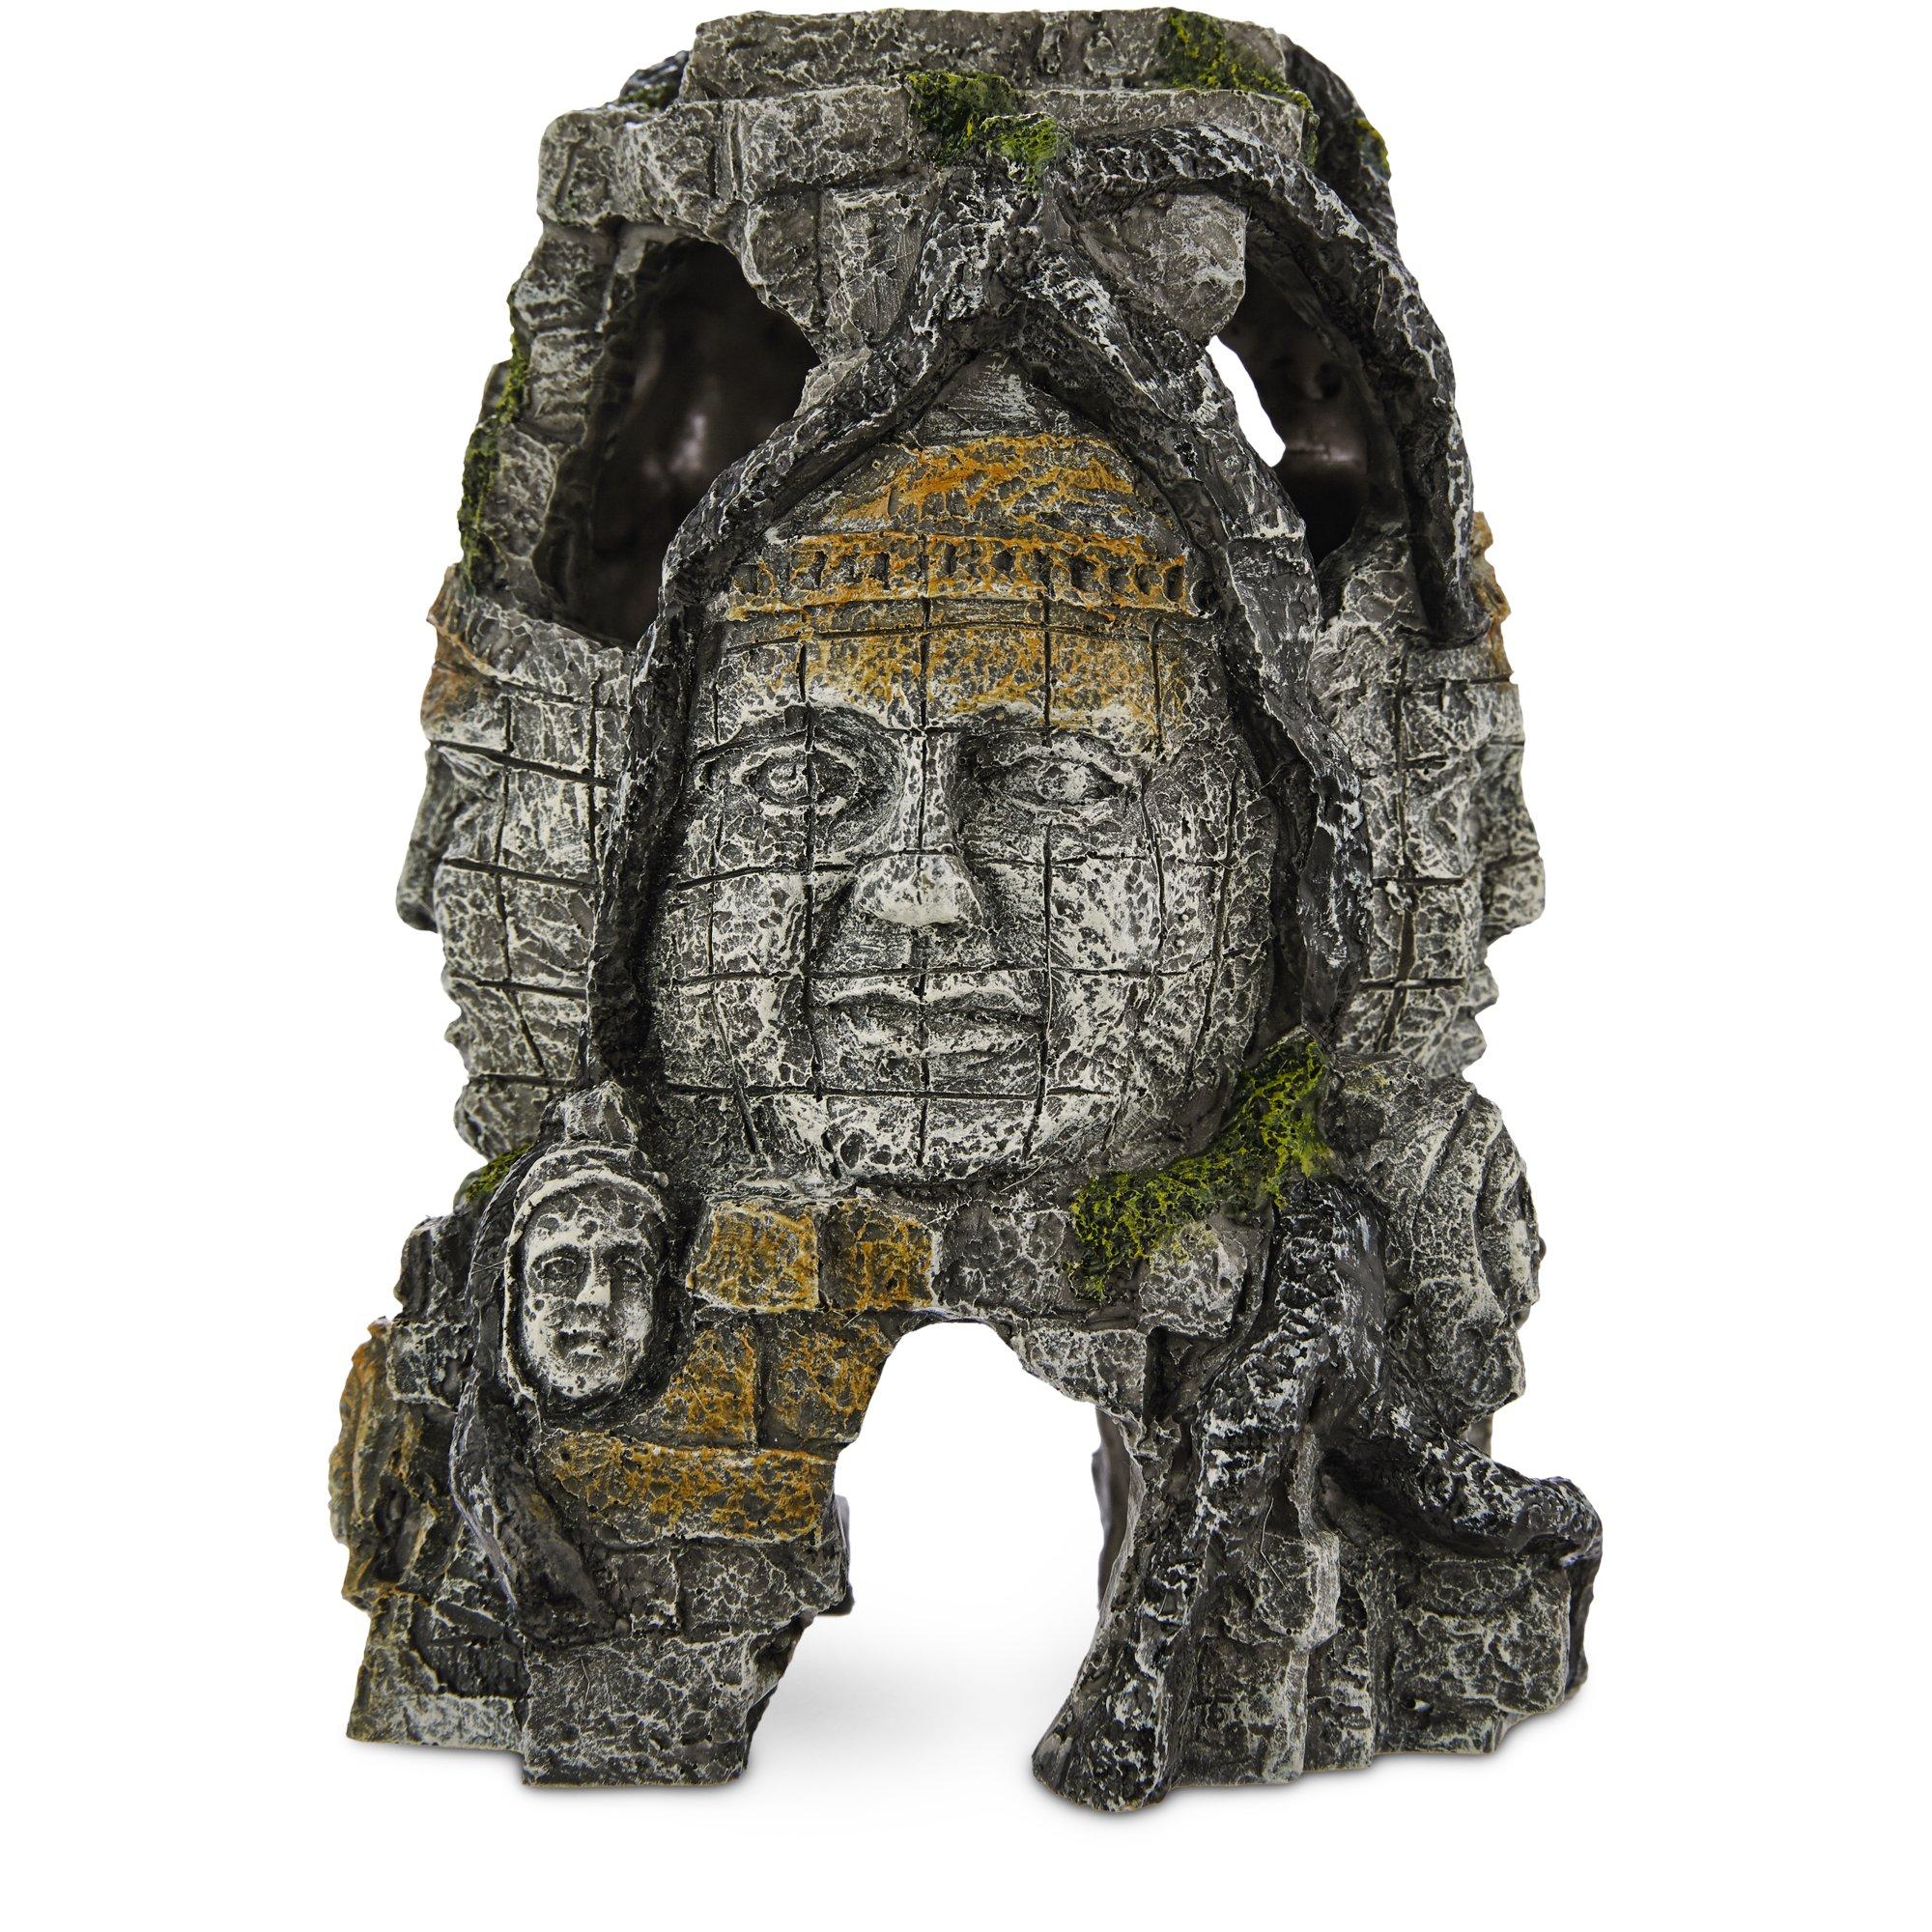 Imagitarium Resin Ruins with Faces Aquatic Decor